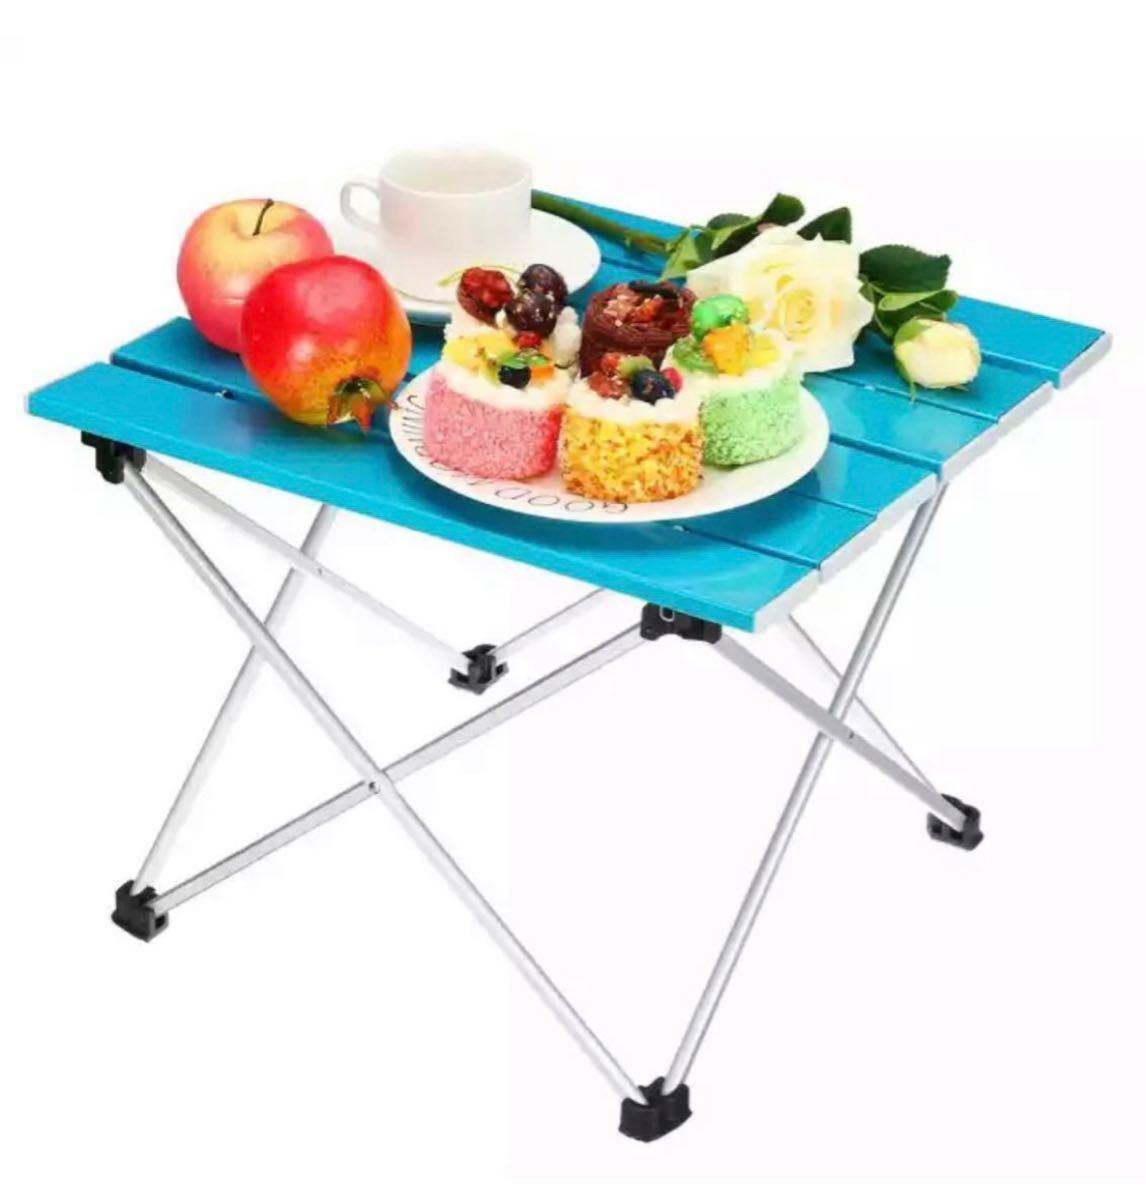 アウトドア テーブル キャンプ  アルミ合金製  軽量  折りたたみ ブルー 簡単組み立て 収納袋付 キャンプテーブル